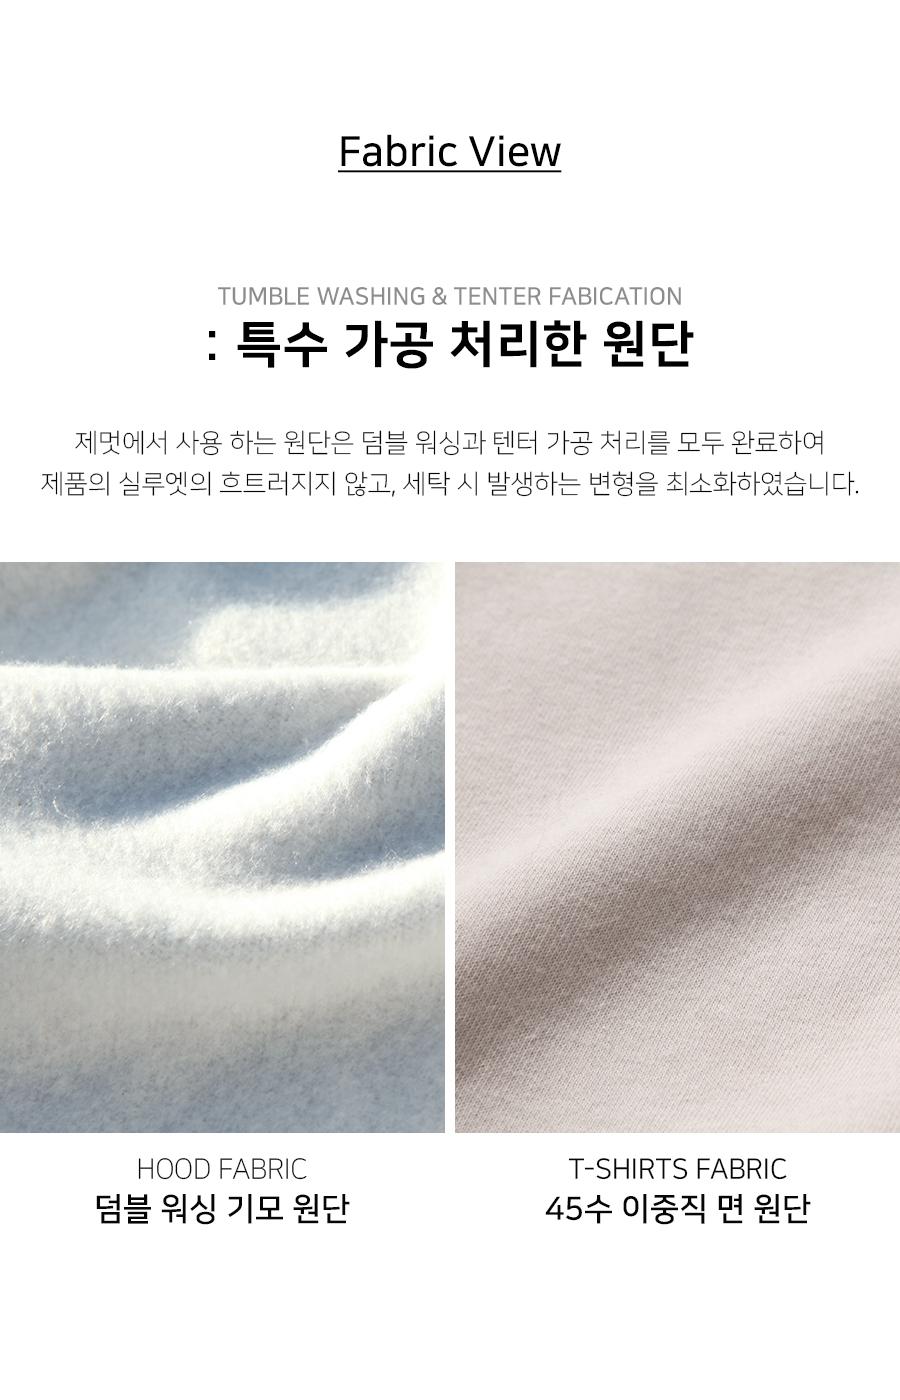 KHHD0748+KJLT2153_fabric_kj.jpg